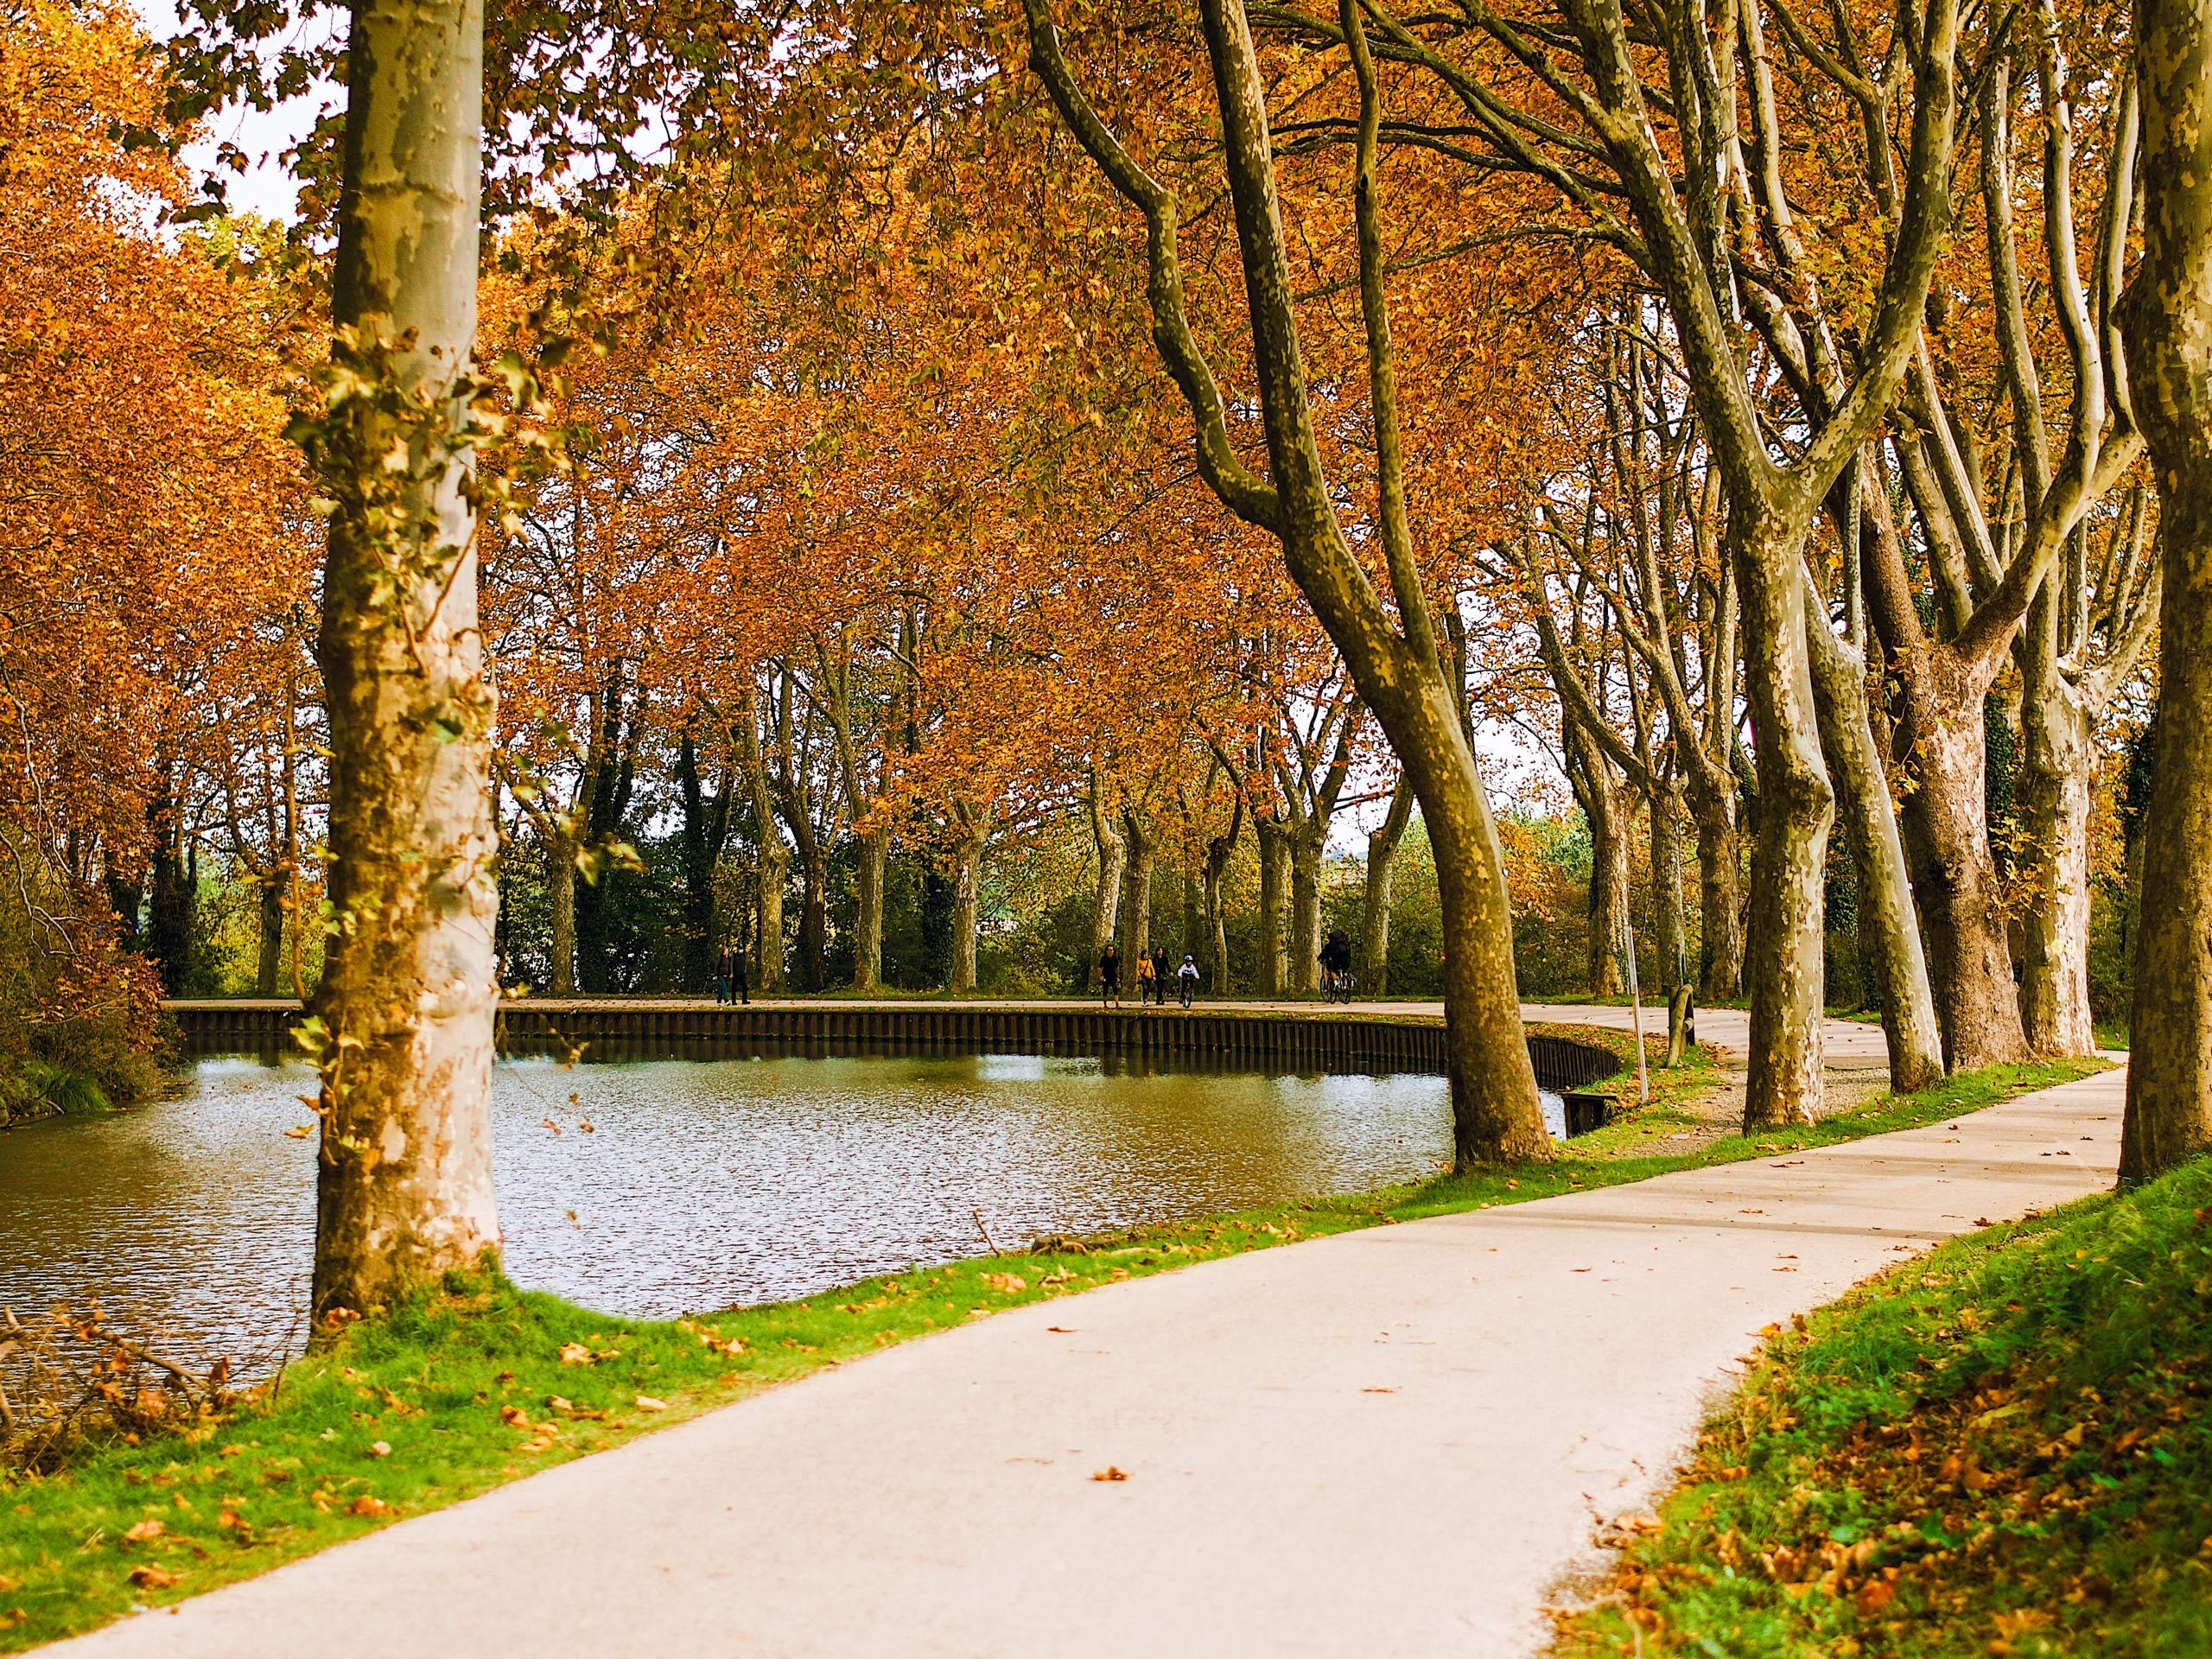 France Canal du Midi autumn park